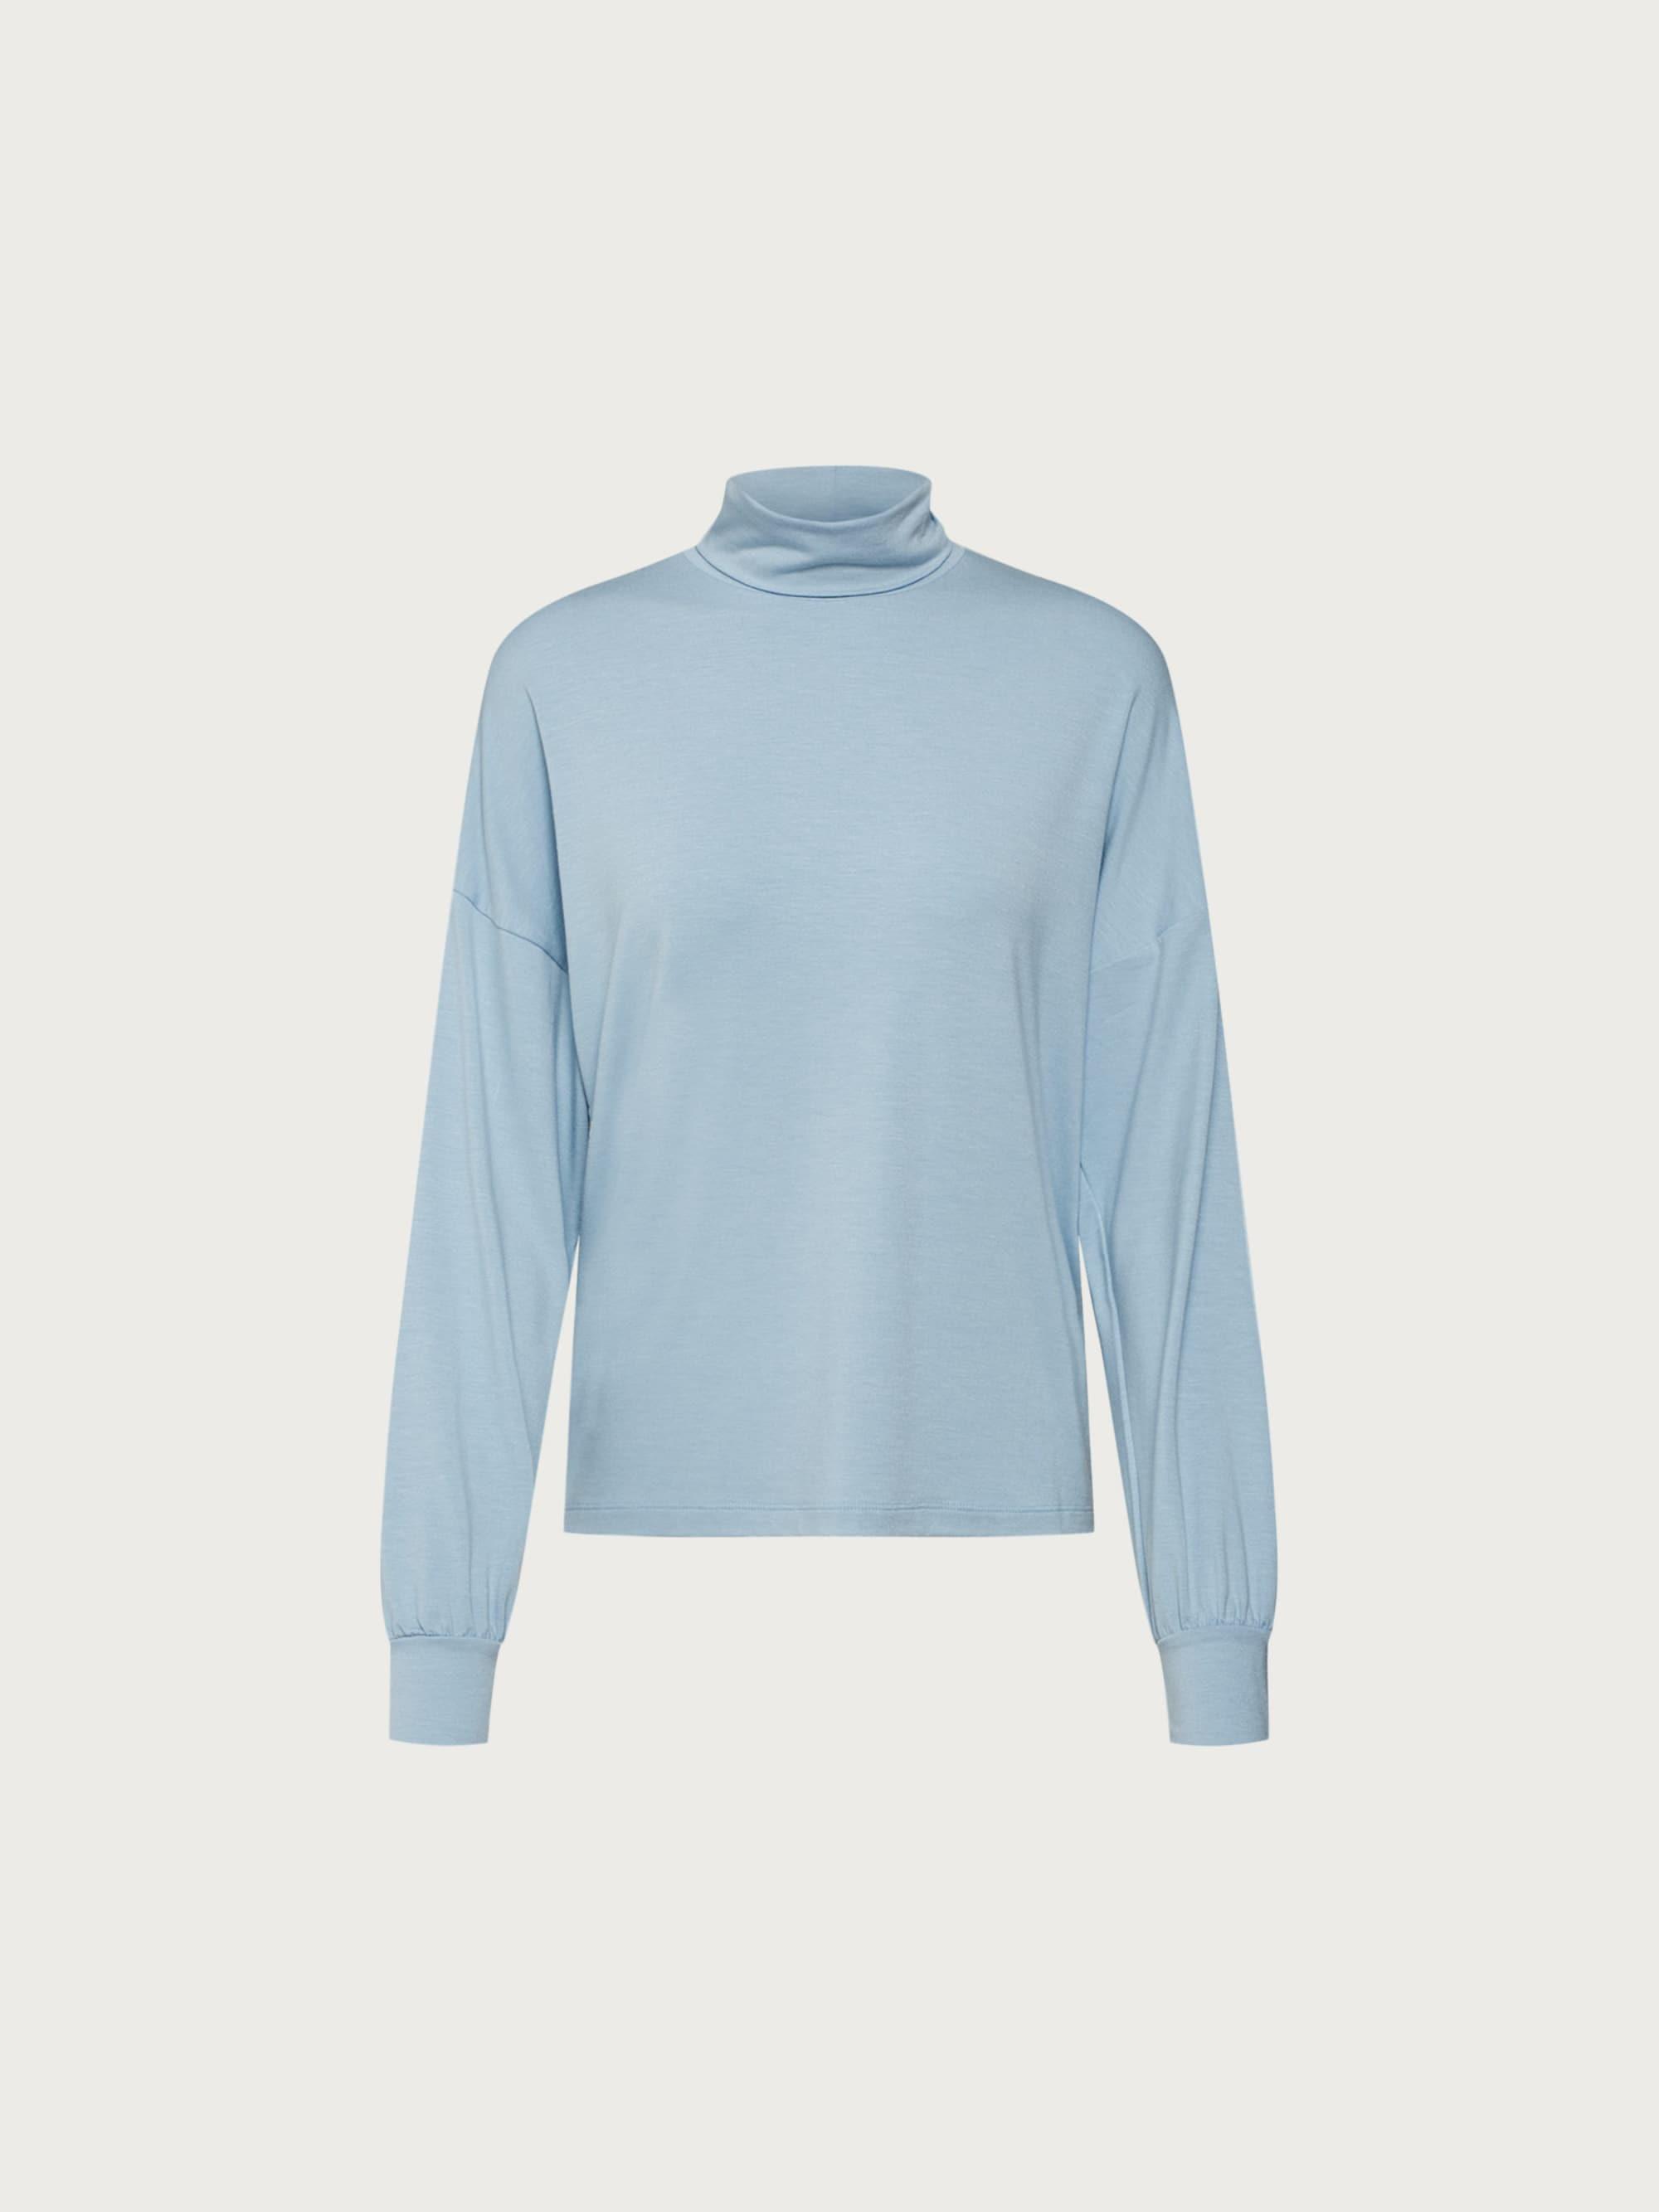 edited - Shirt ´Tony ´